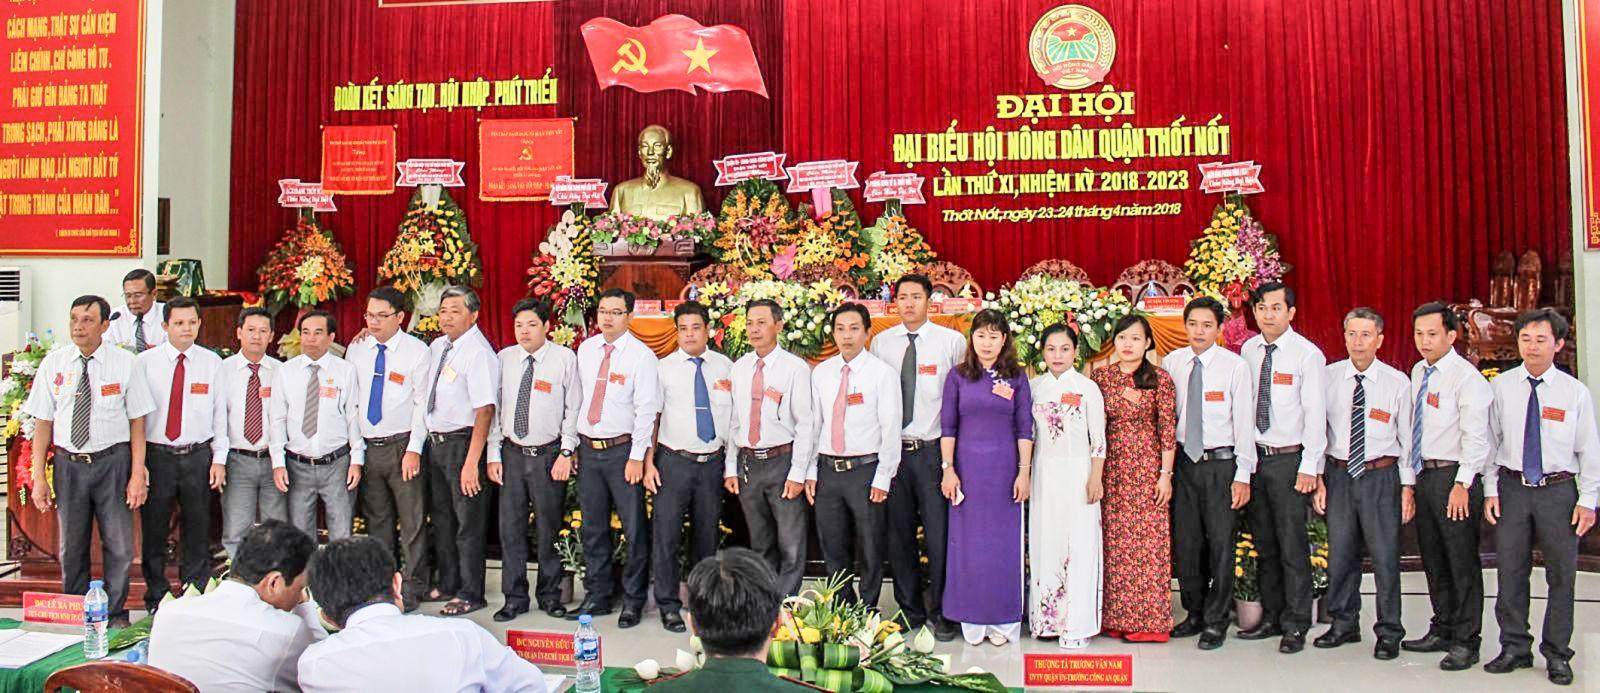 Ban Chấp hành HND quận Thốt Nốt nhiệm kỳ 2018-2023 ra mắt đại hội. Ảnh: THANH THƯ